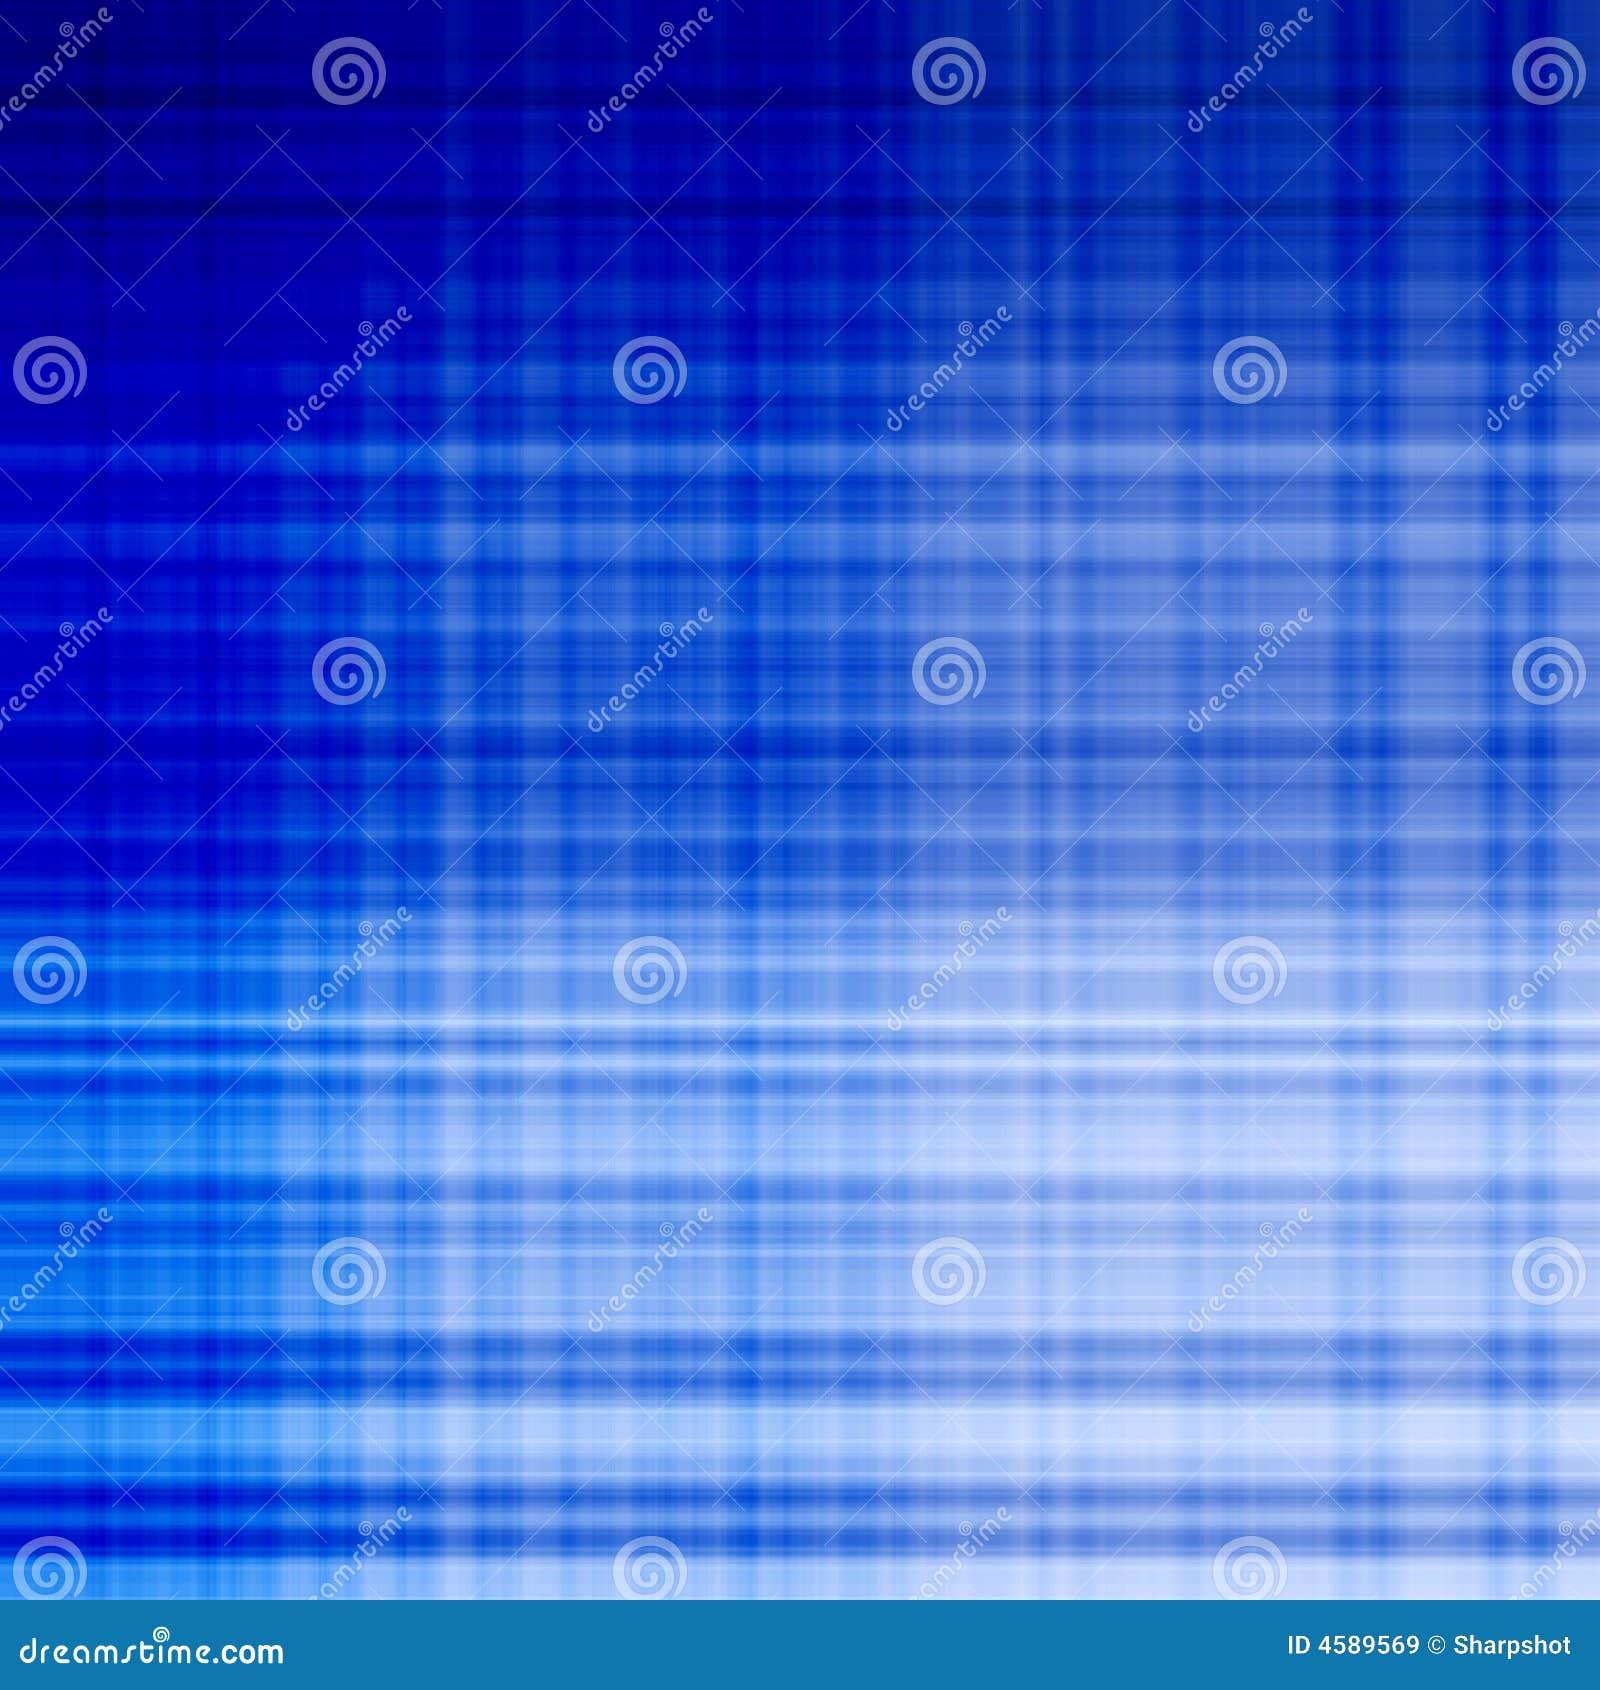 Blaue Gitterlinie Muster